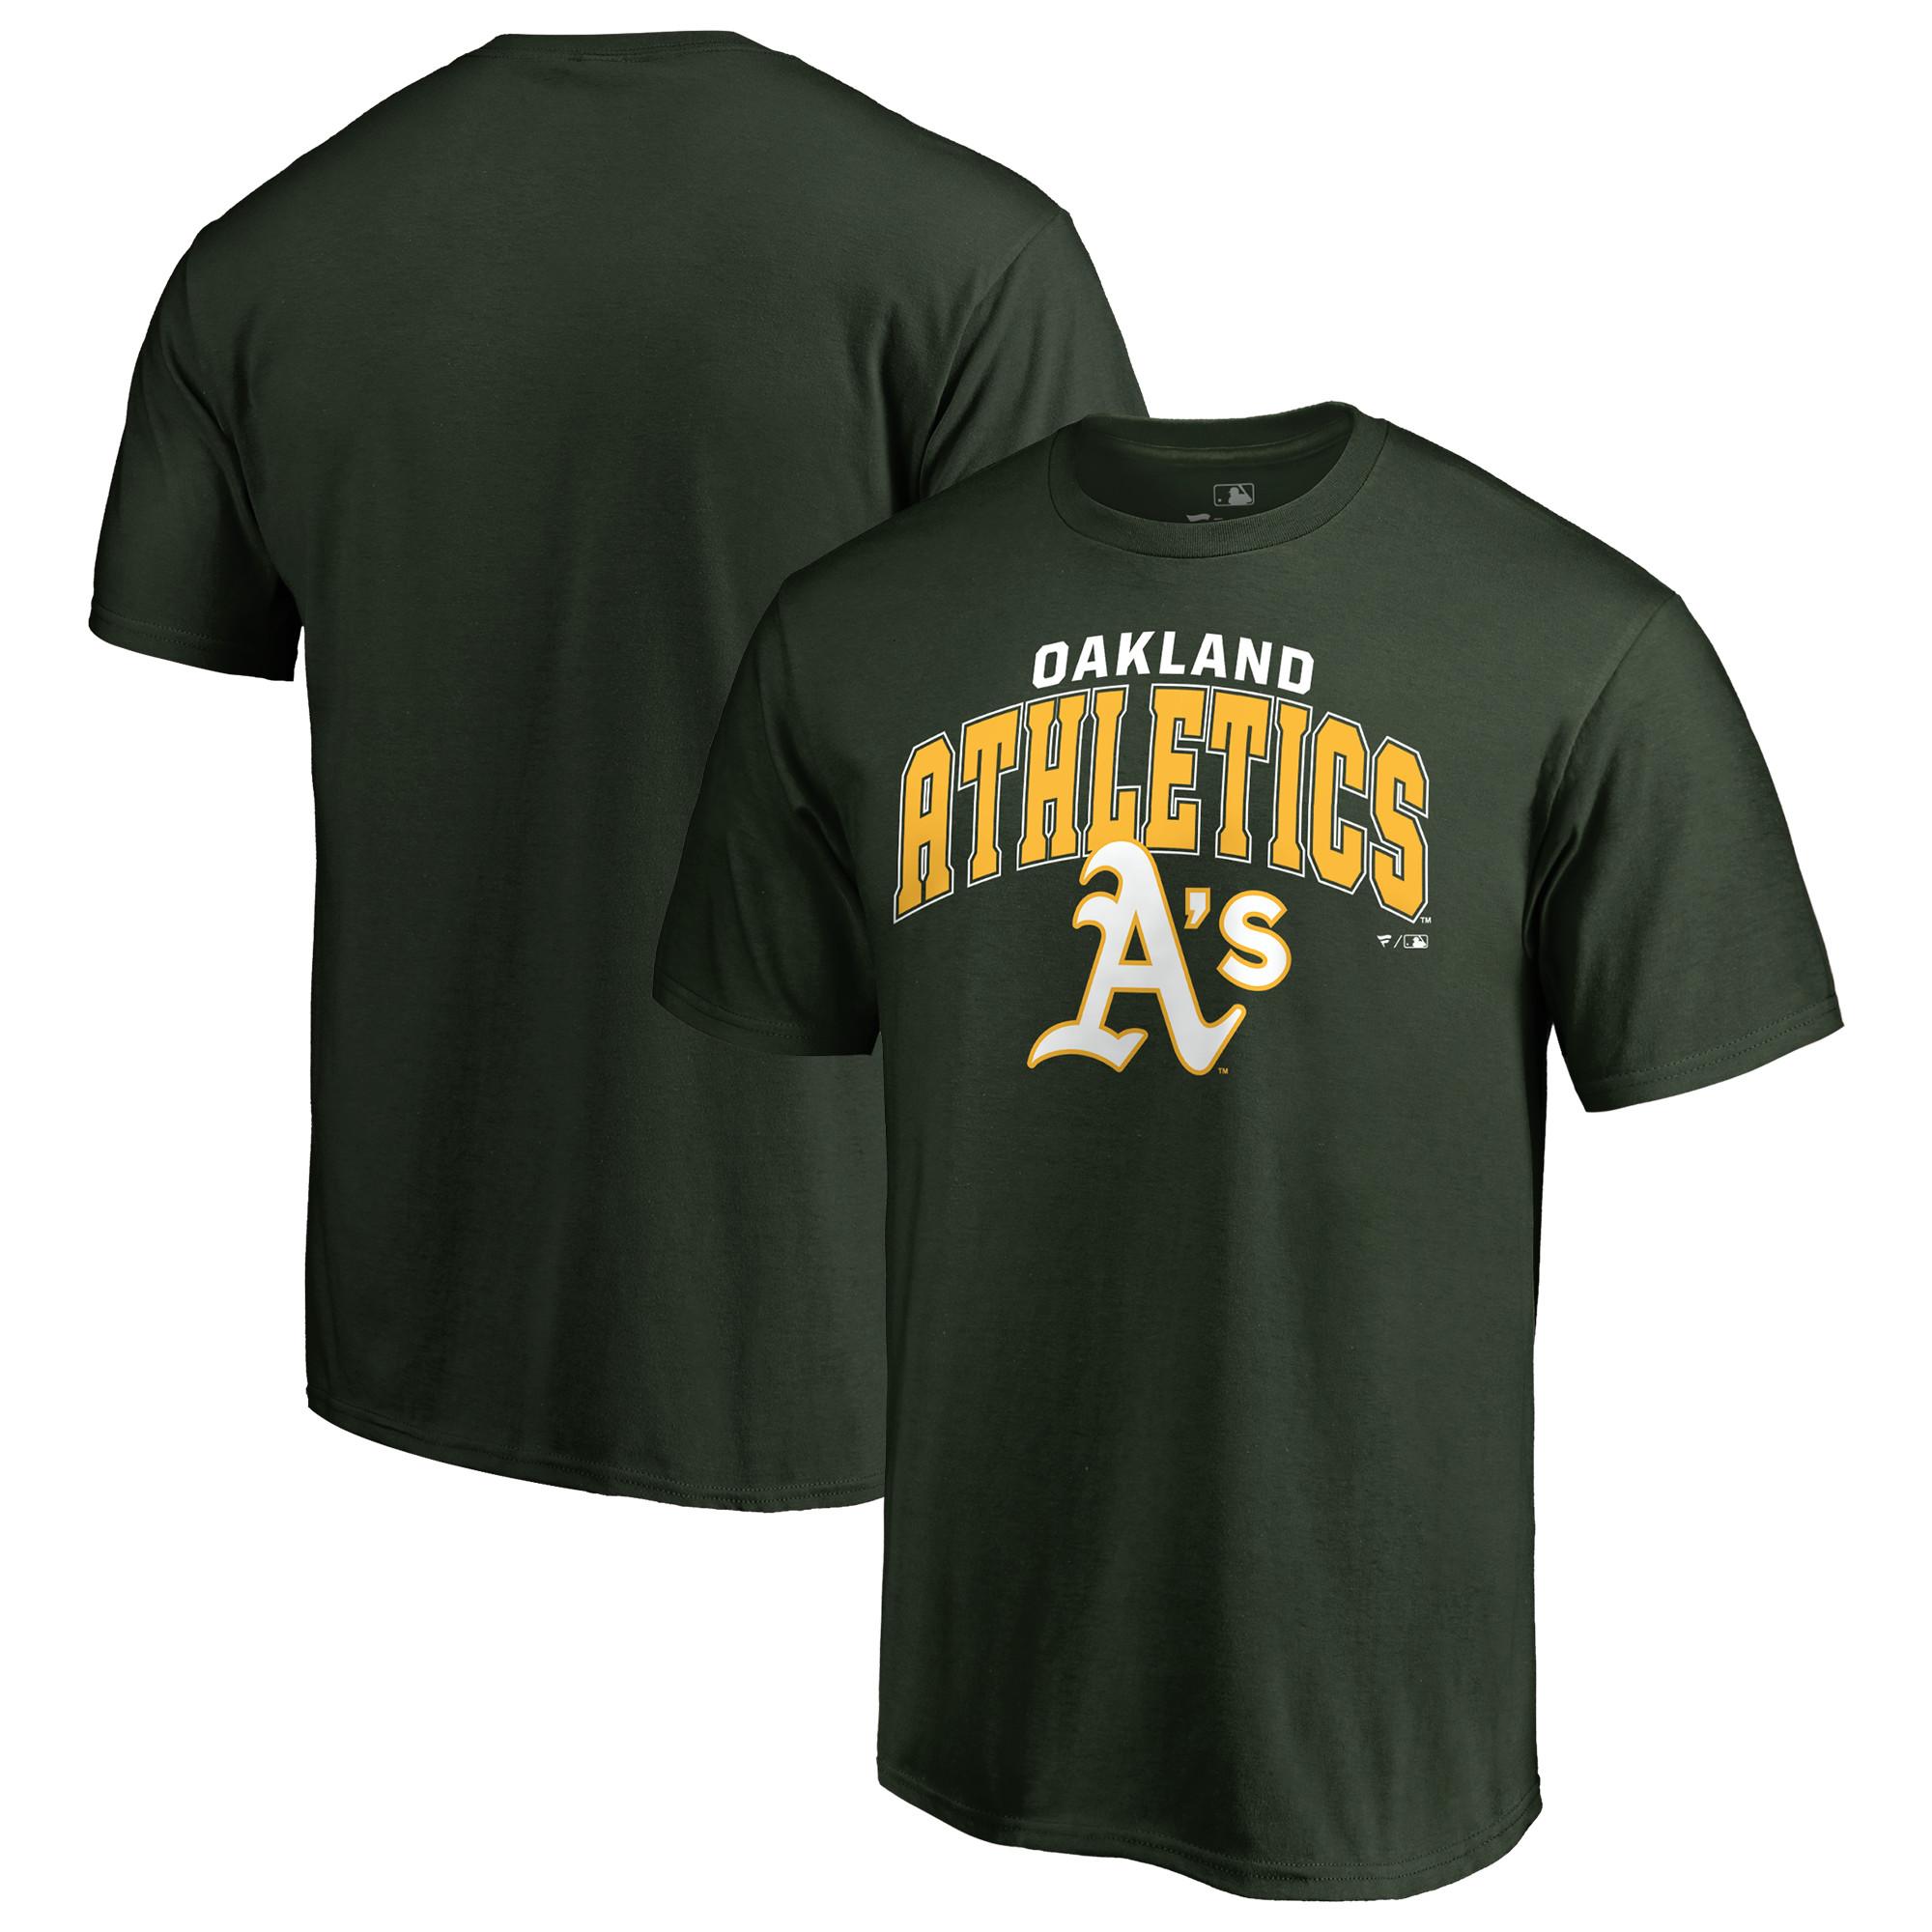 Oakland Athletics Fanatics Branded T-Shirt - Green